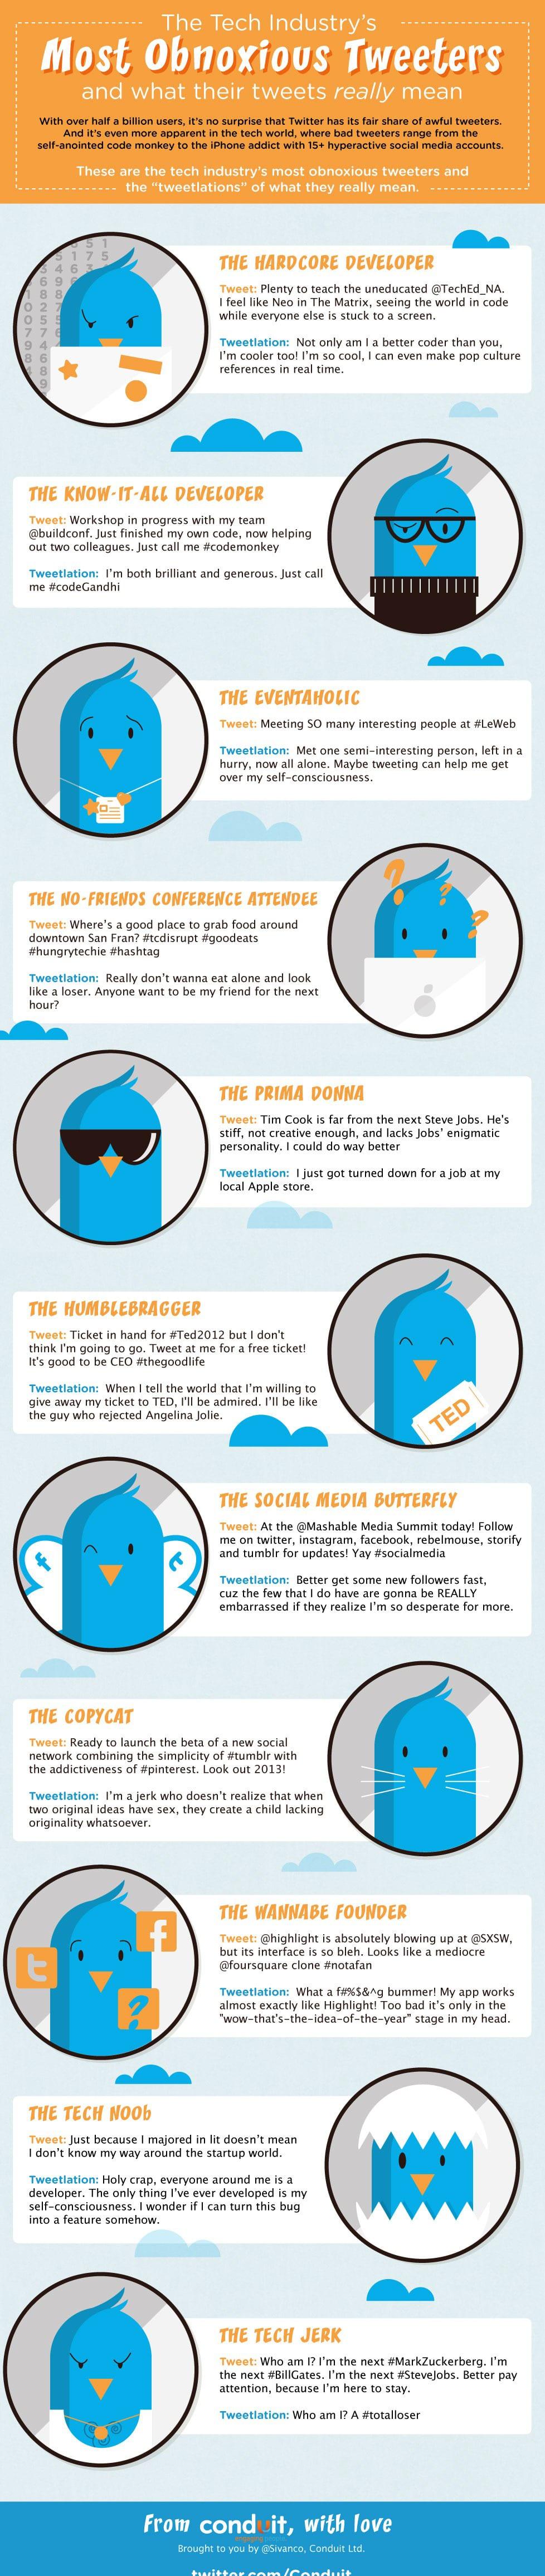 tech-industry-rude-tweeters-infographic